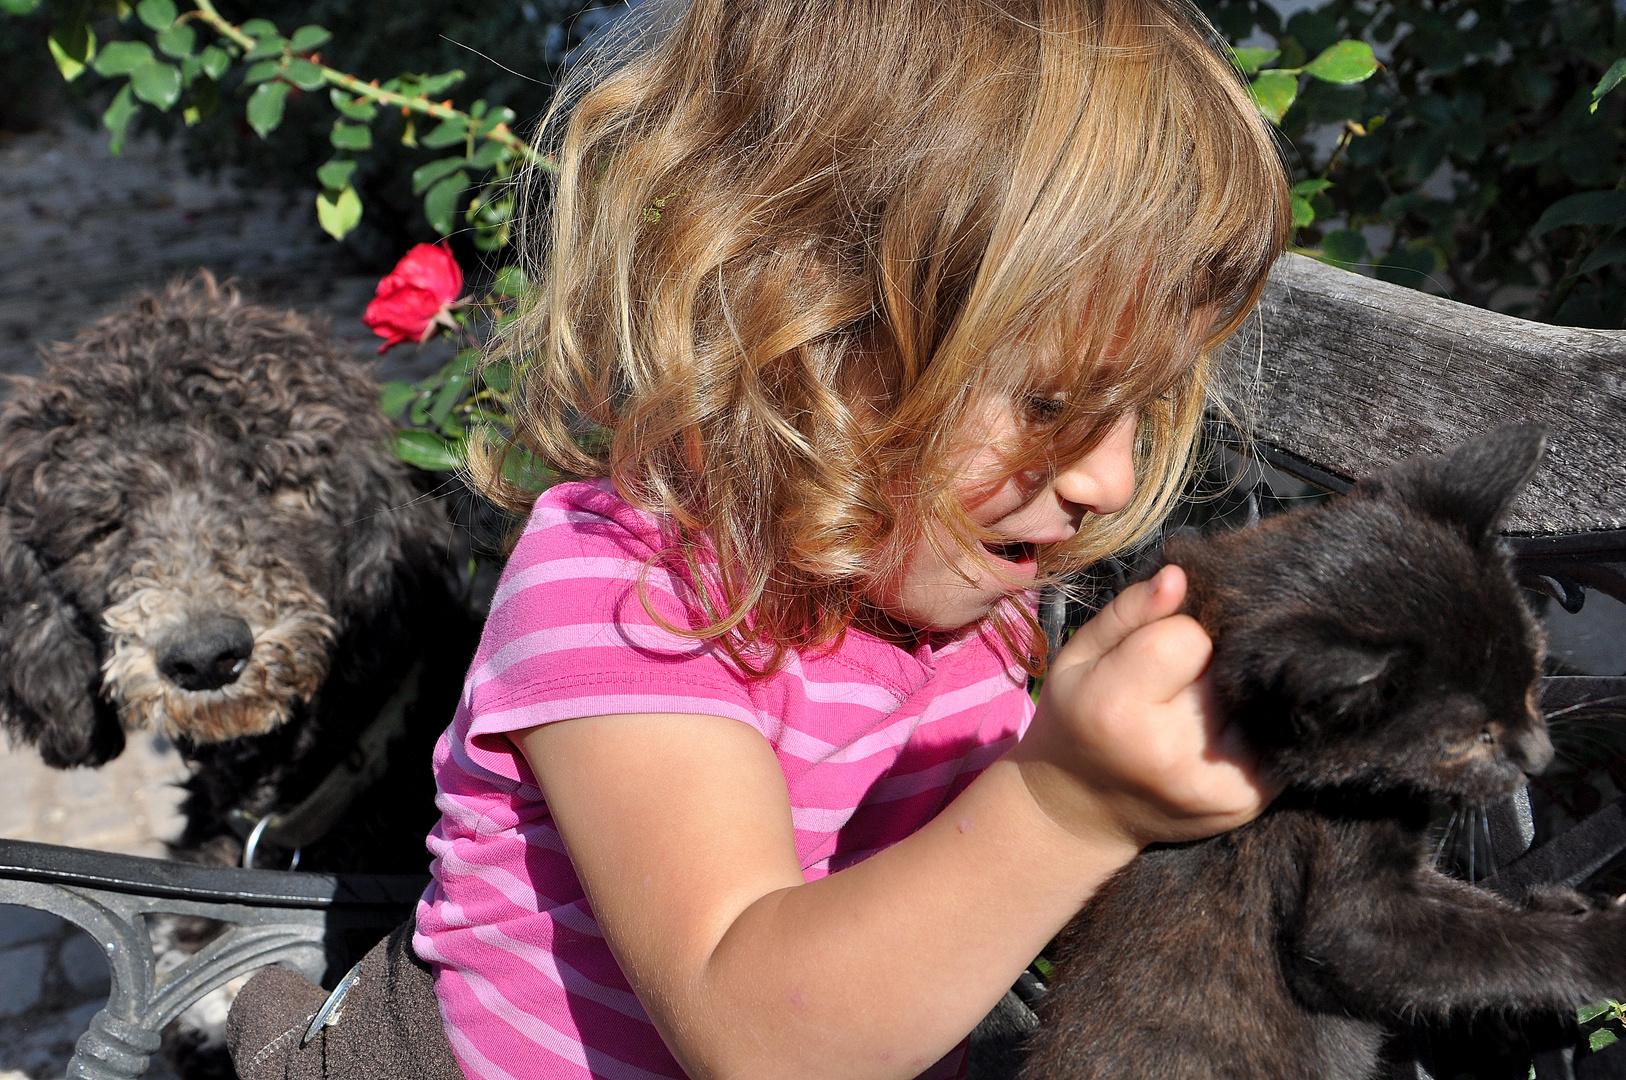 Elisabeth übt Katzenheben!